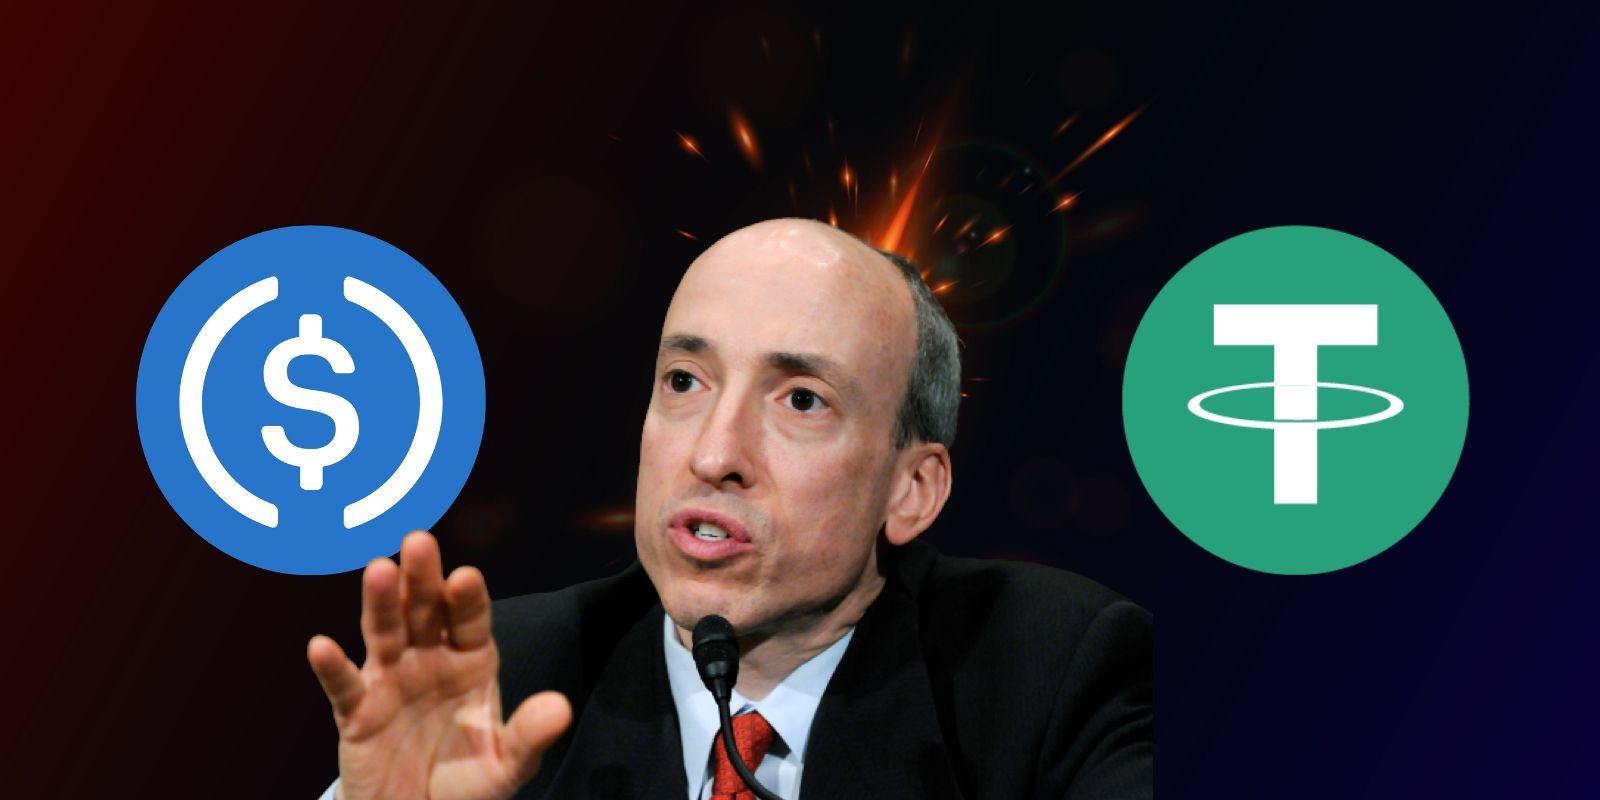 彭博報導:美國證券交易委員會(SEC)或將獲得「控制穩定幣」的重大權力